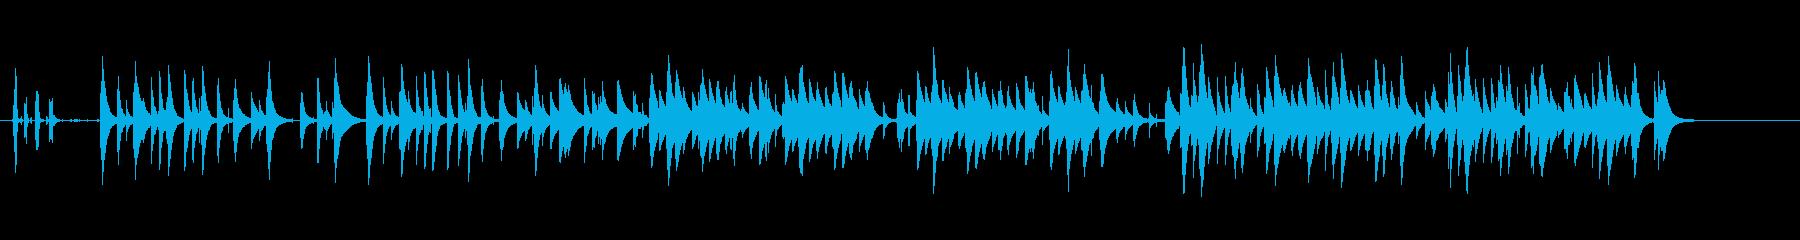 悲しい曲調のオルゴール曲です。の再生済みの波形